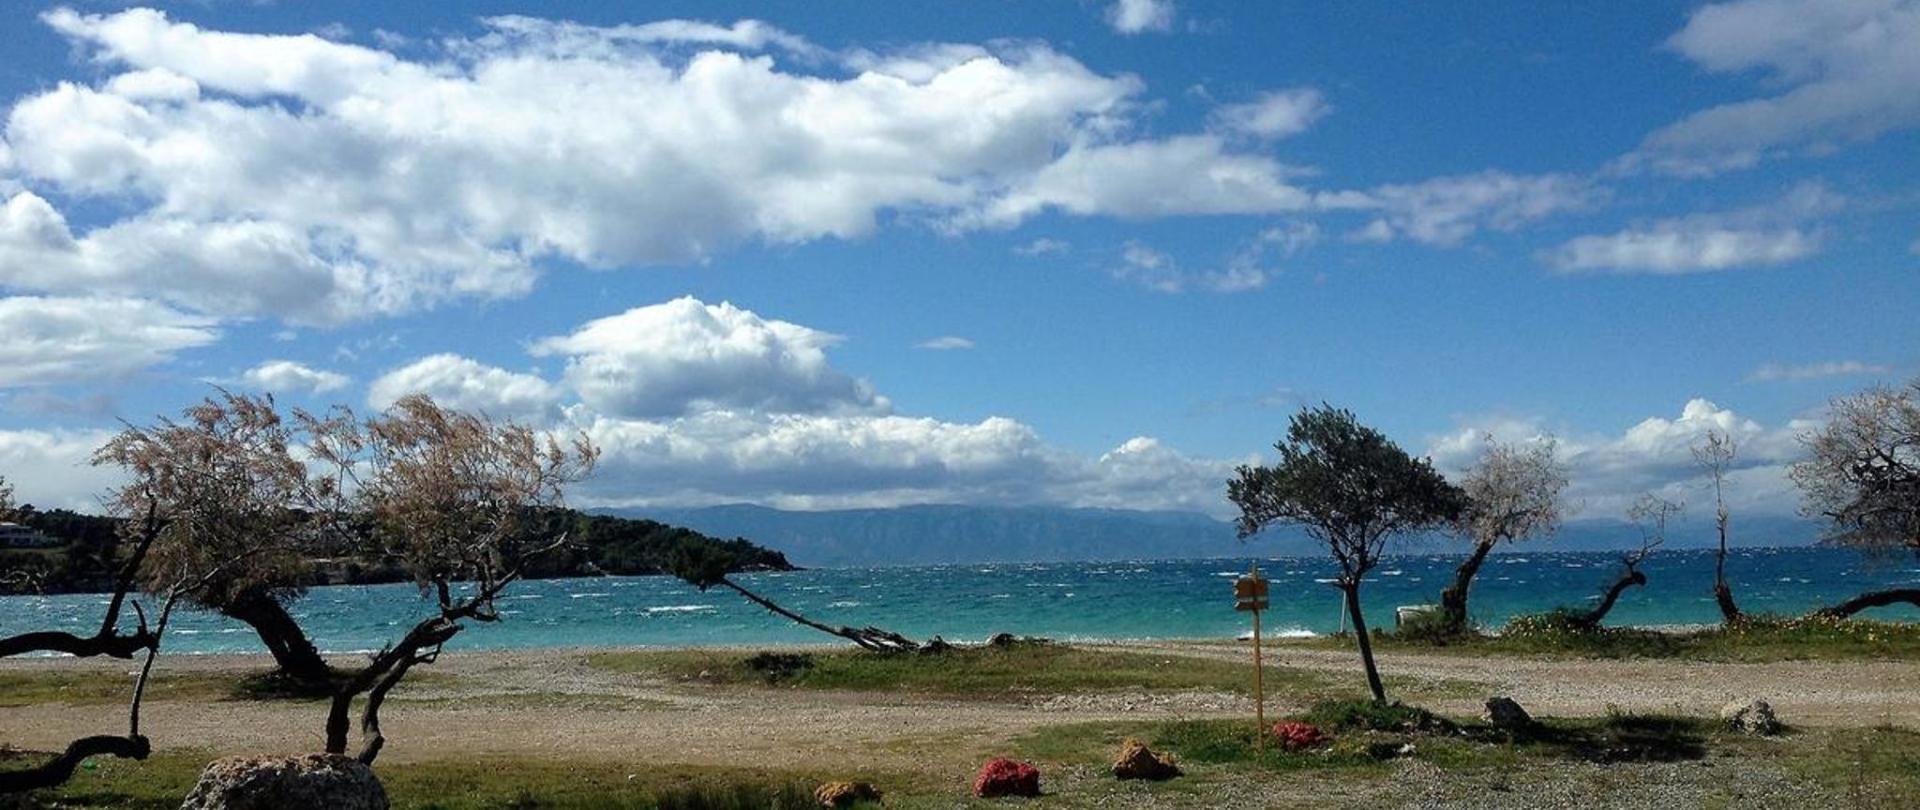 Ververouda beach-20 meters from Malindi Rooms..jpg